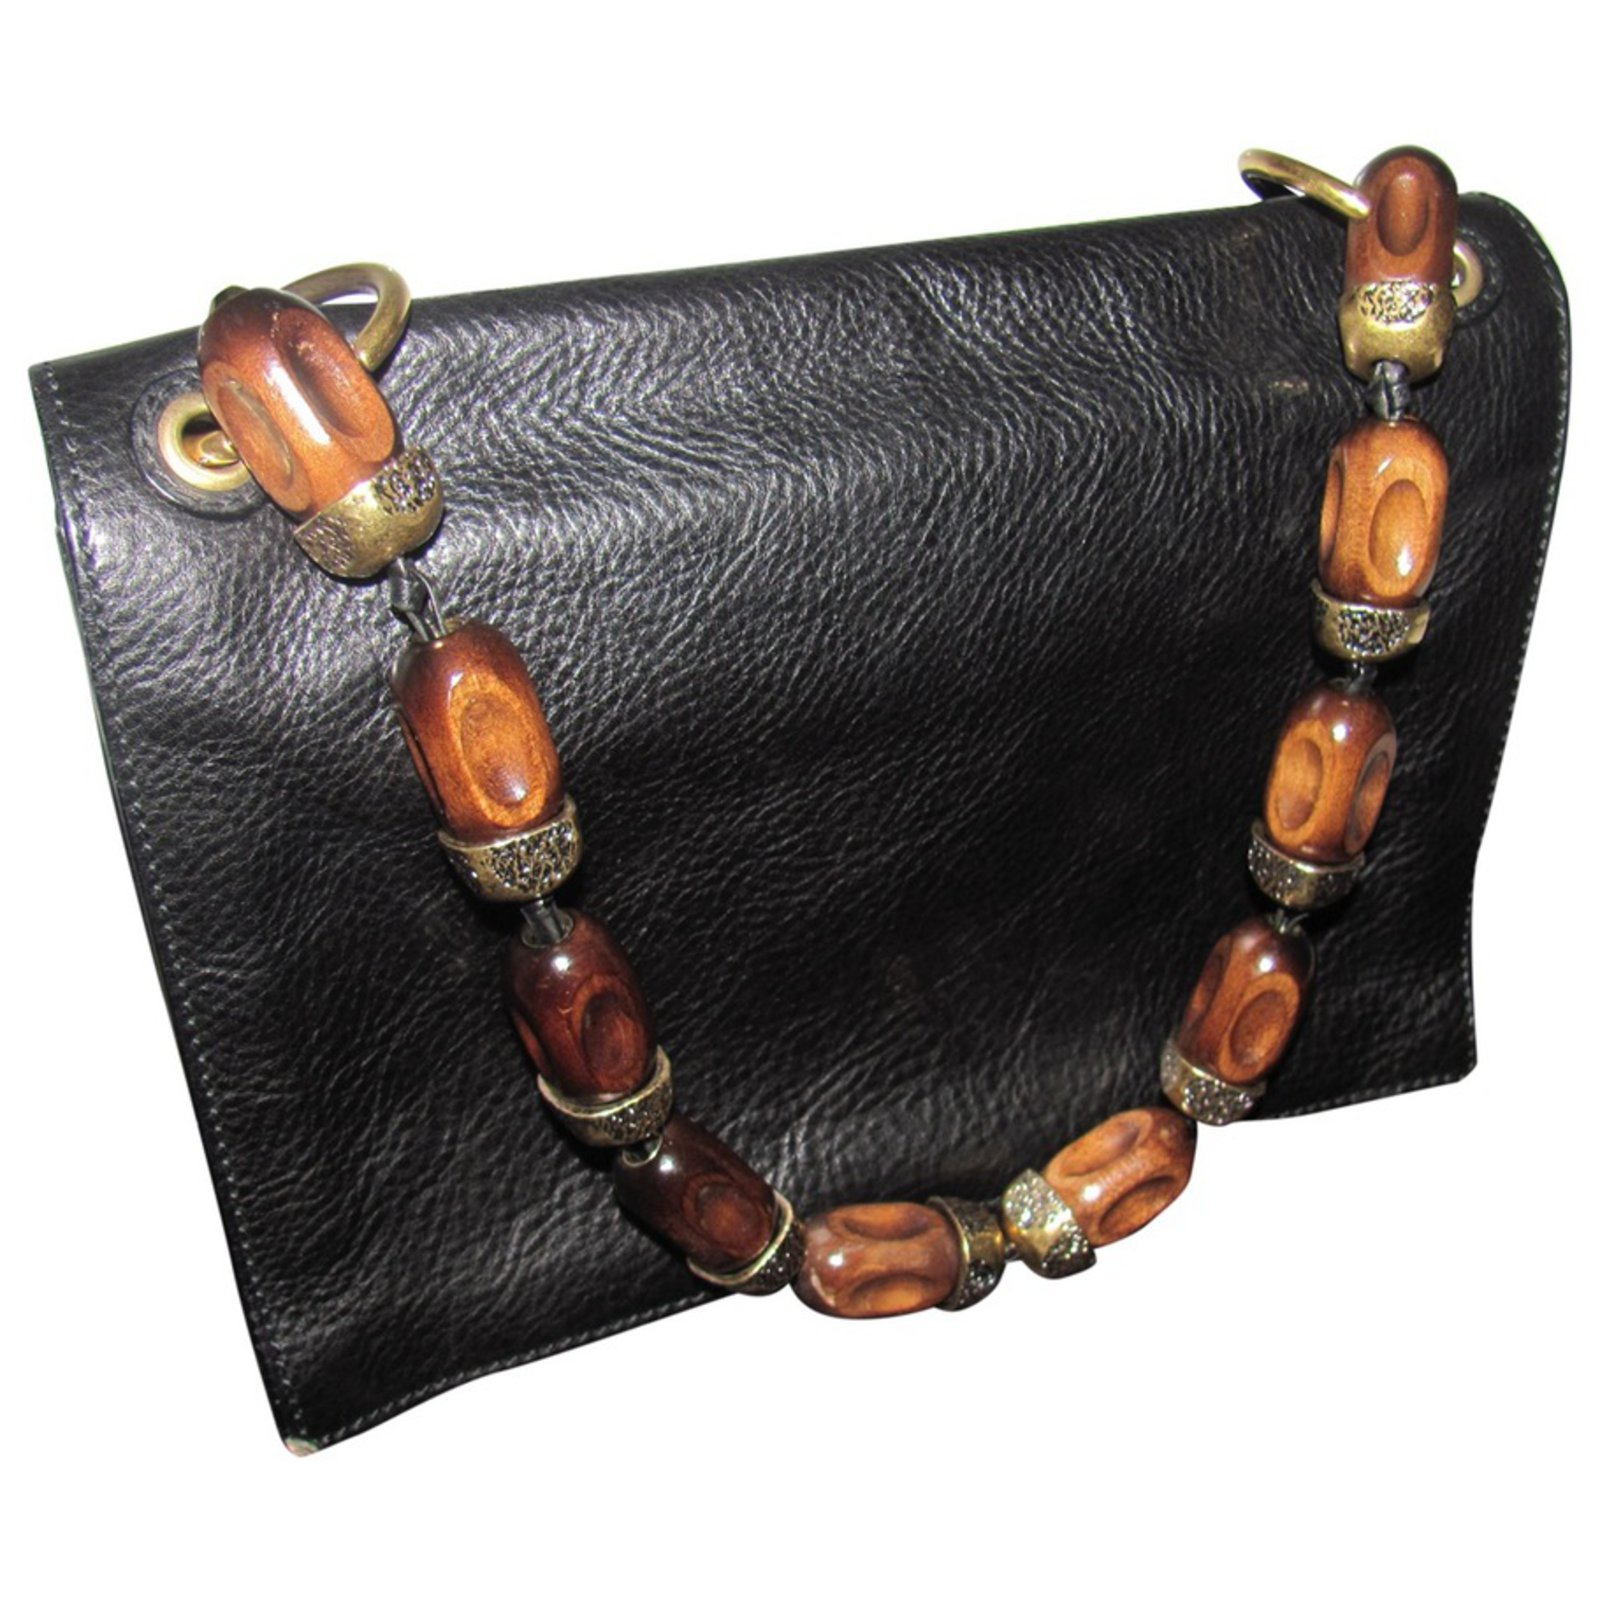 Yves Saint Laurent Handbag Handbags Leather Black ref.27750 - Joli ... 9a1a55a5a9cea